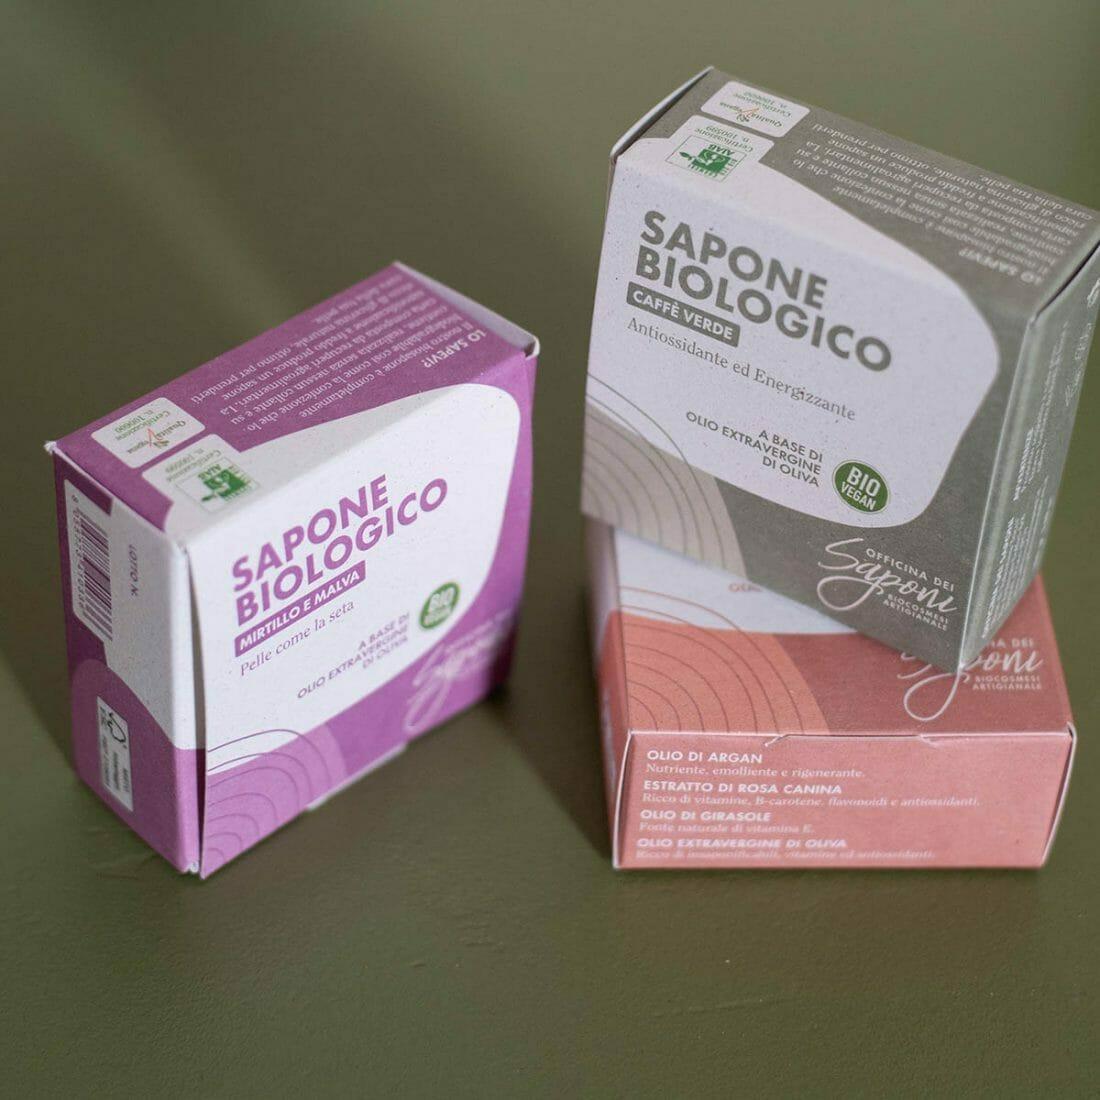 Il packaging sostenibile della linea di Officina dei Saponi